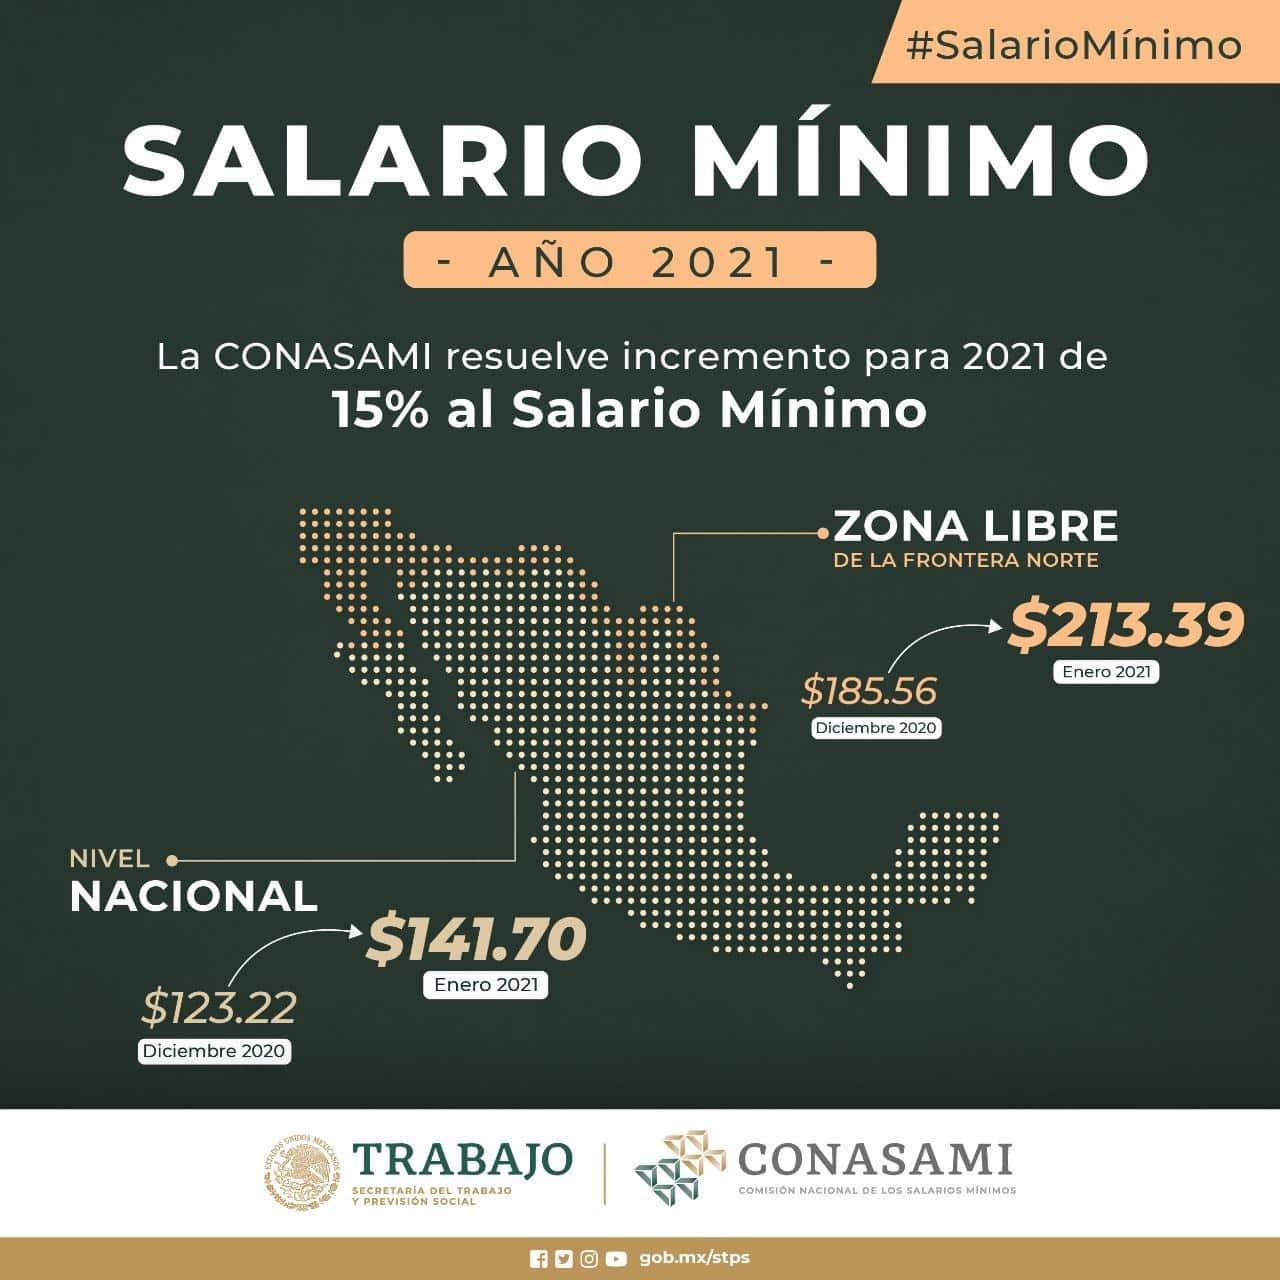 Con este aumento en el salario mínimo para el 2021, México se coloca en el lugar 76 de los países con mayores percepciones salariales